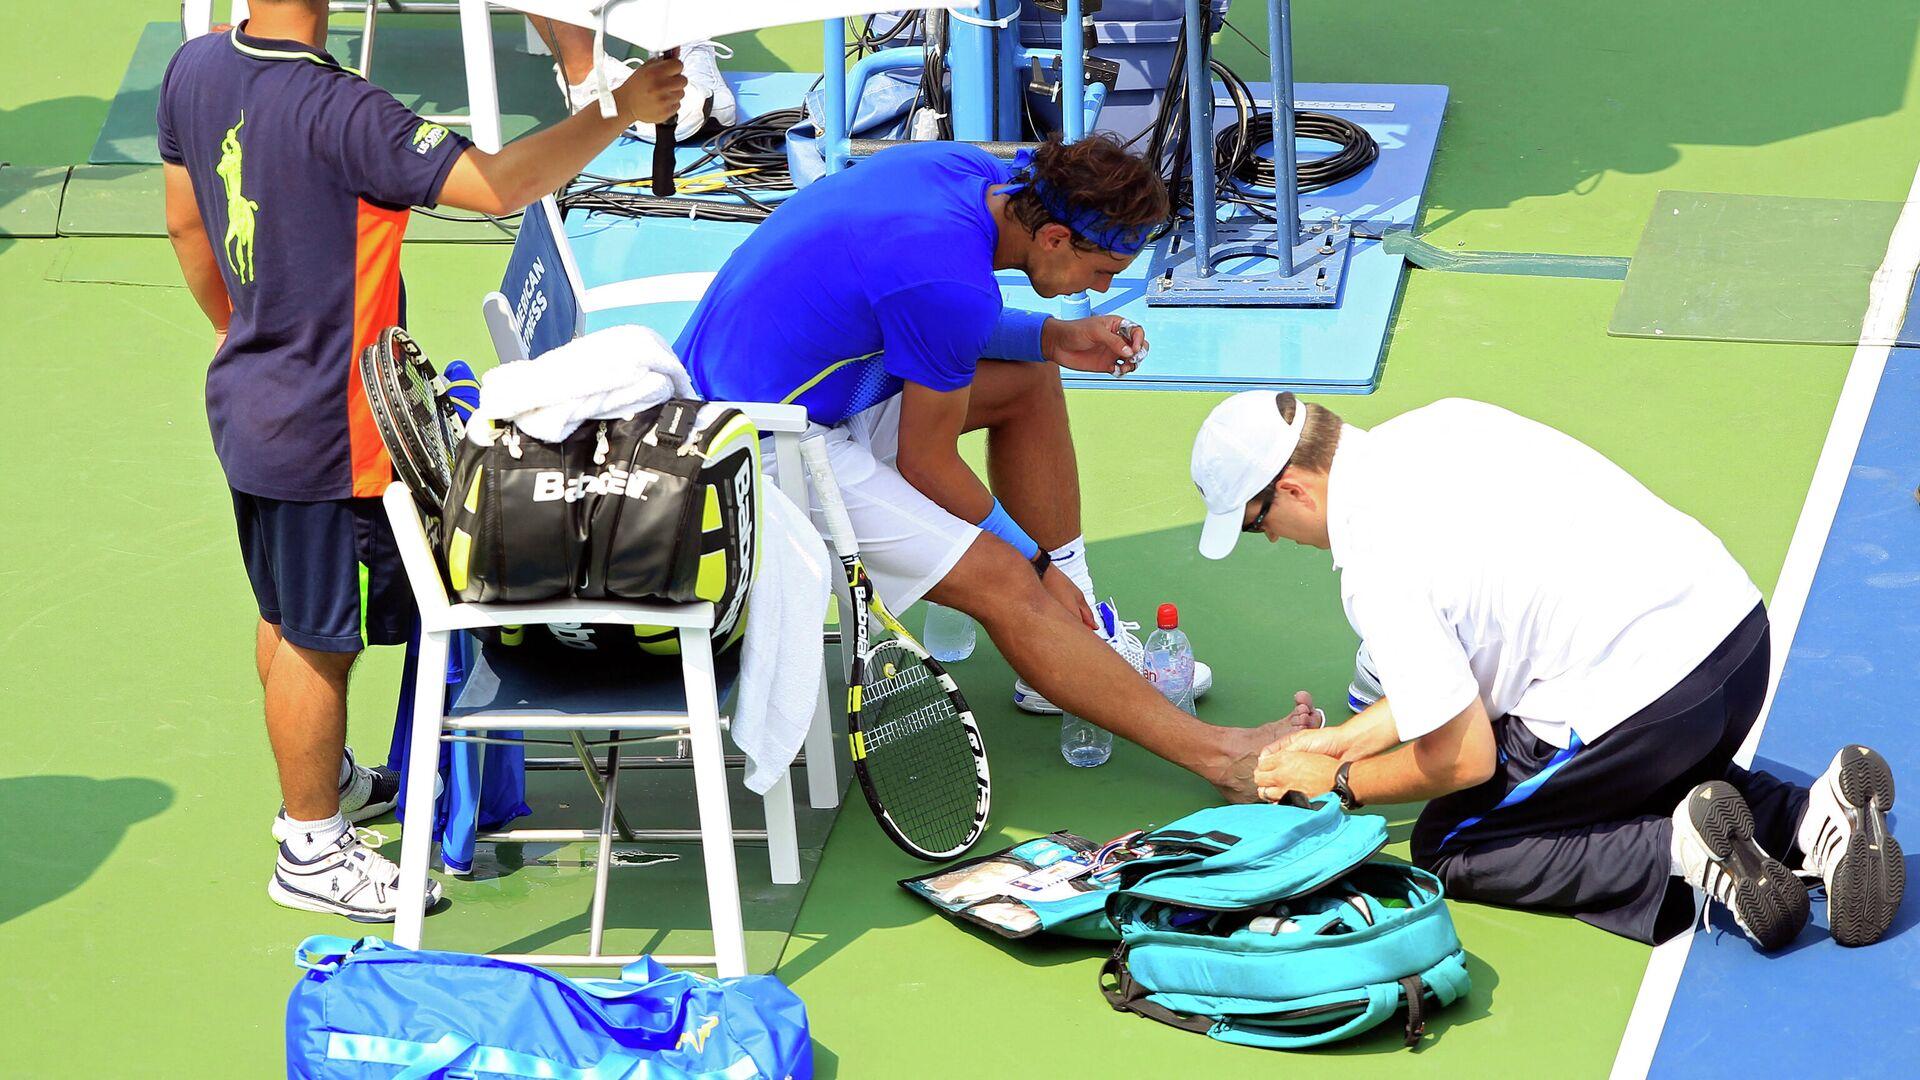 Nadalov medicinski tajm-aut zbog povrede stopala na US openu 2011. godine - Sputnik Srbija, 1920, 22.08.2021